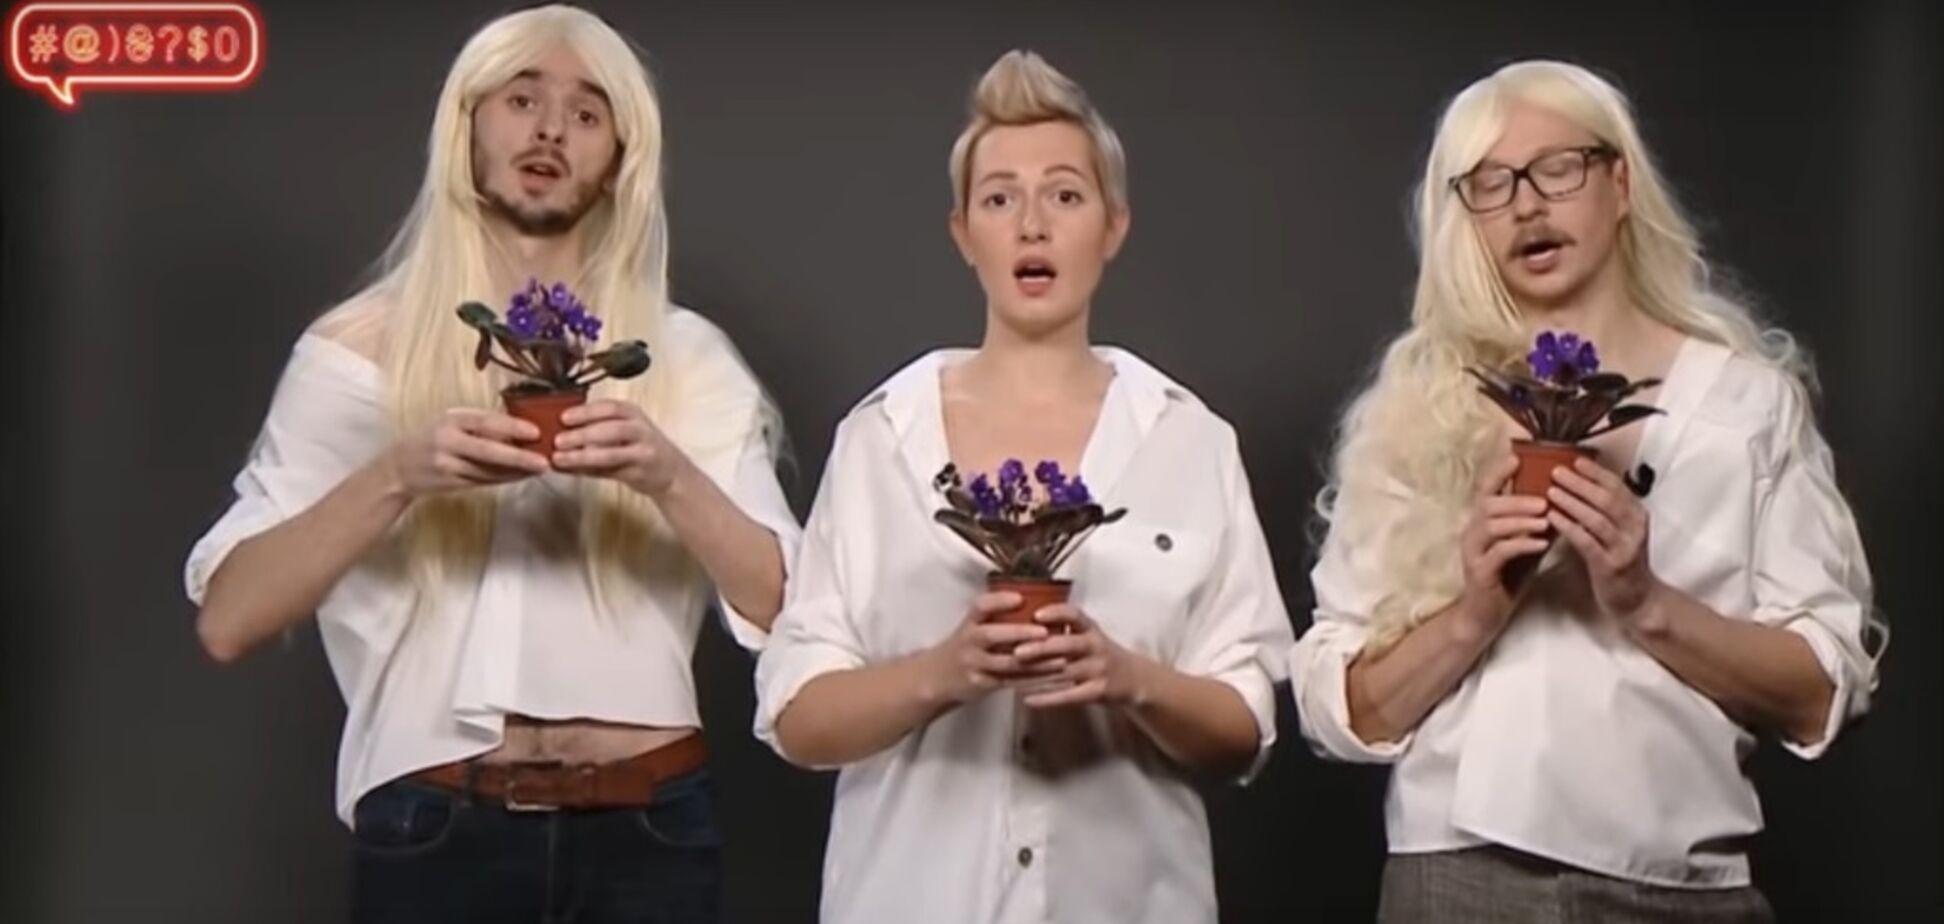 Майкл Щур у пародії розкрив секрет пісні ''Плакала'': відеофакт